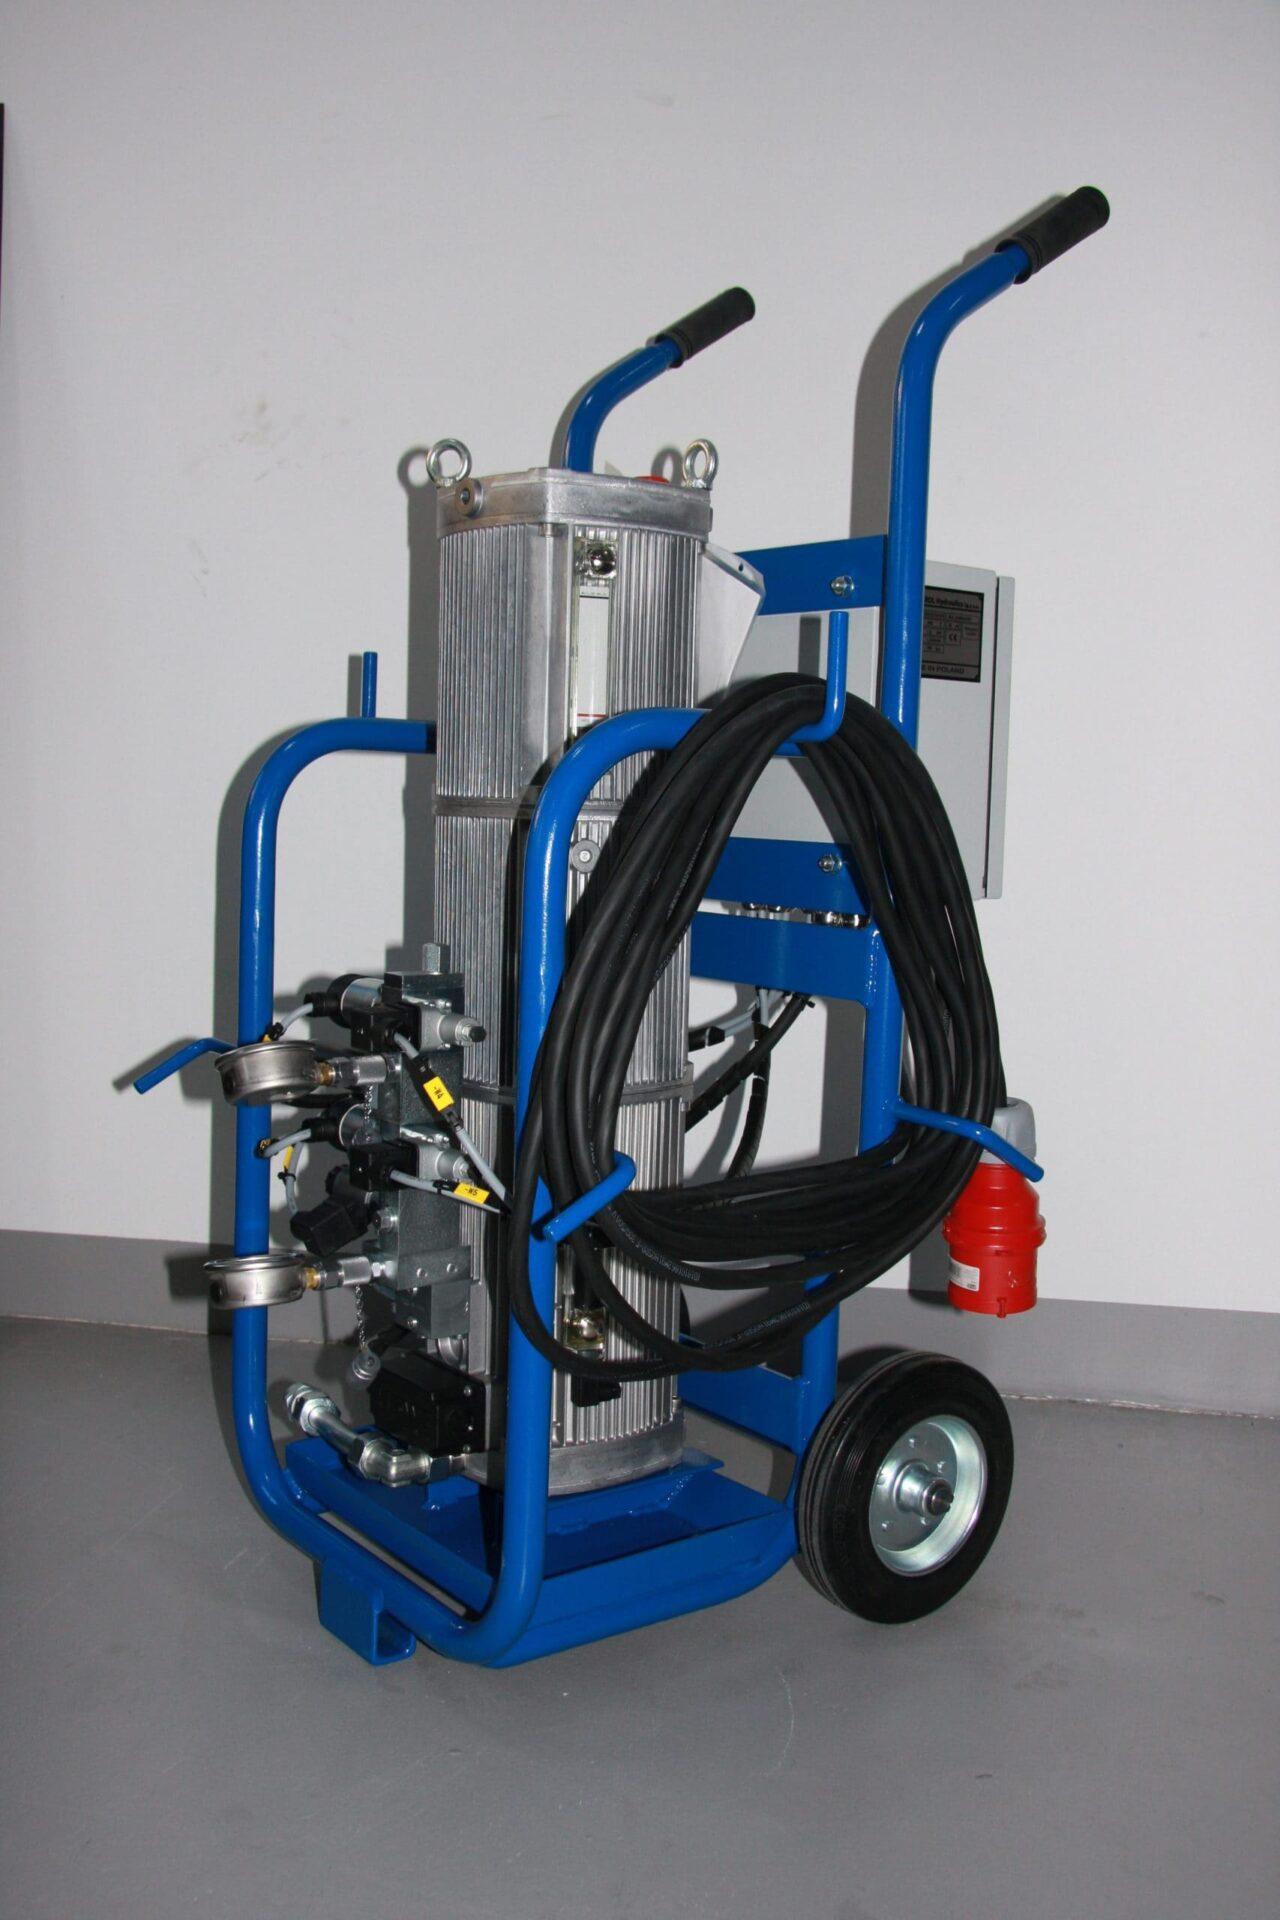 mobilny zasilacz hydaruliczny e1548337626467 scaled - Mobile hydraulic power supply